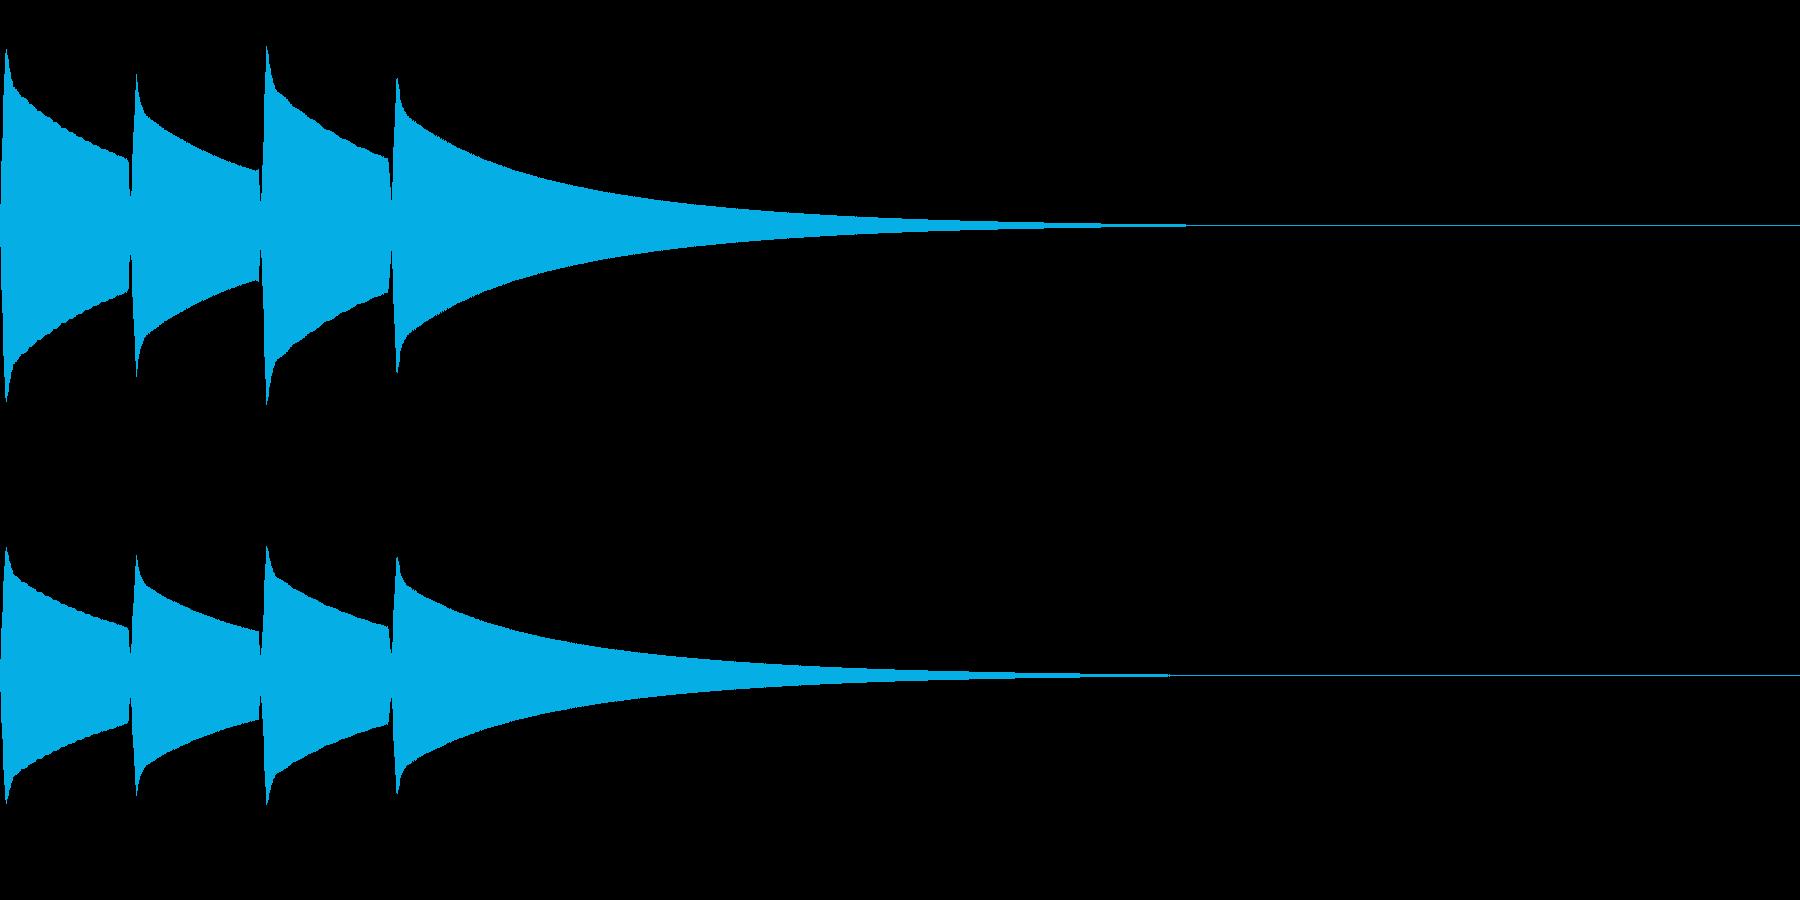 ピンポンピンポン(正解/クイズ/優しい)の再生済みの波形